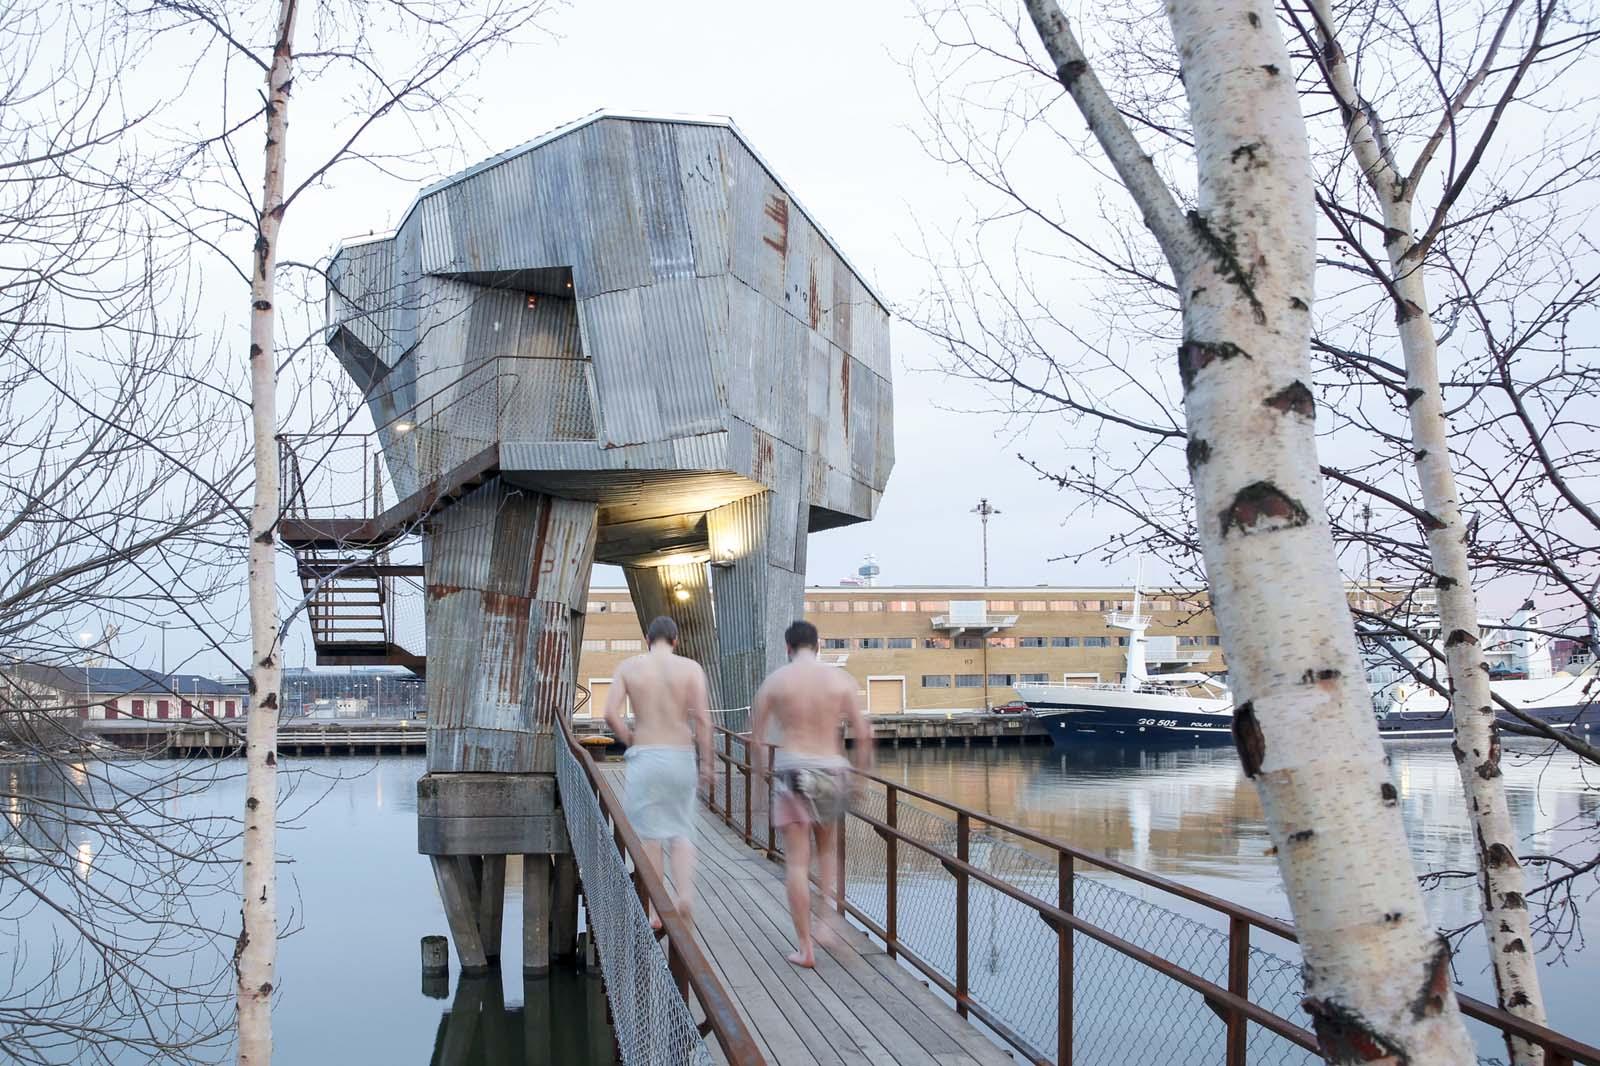 Gay bath house tumblr